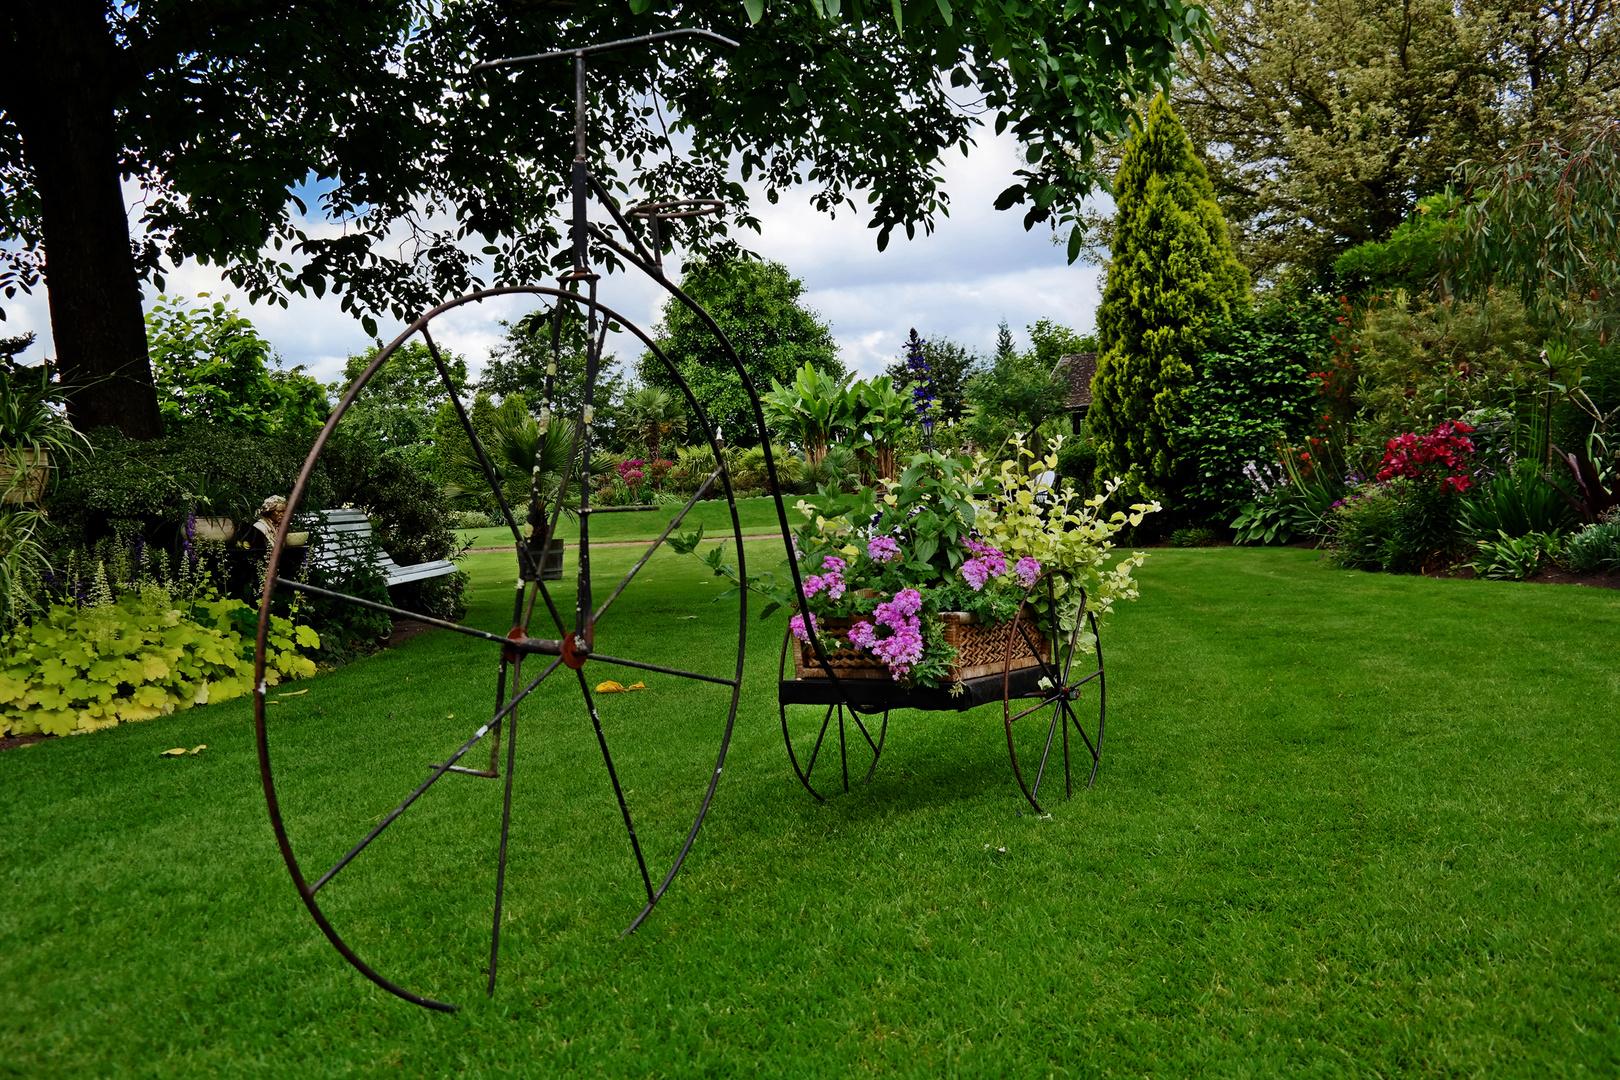 Wunderschöne Gärten wunderschöne gärten 1 foto bild landschaft garten